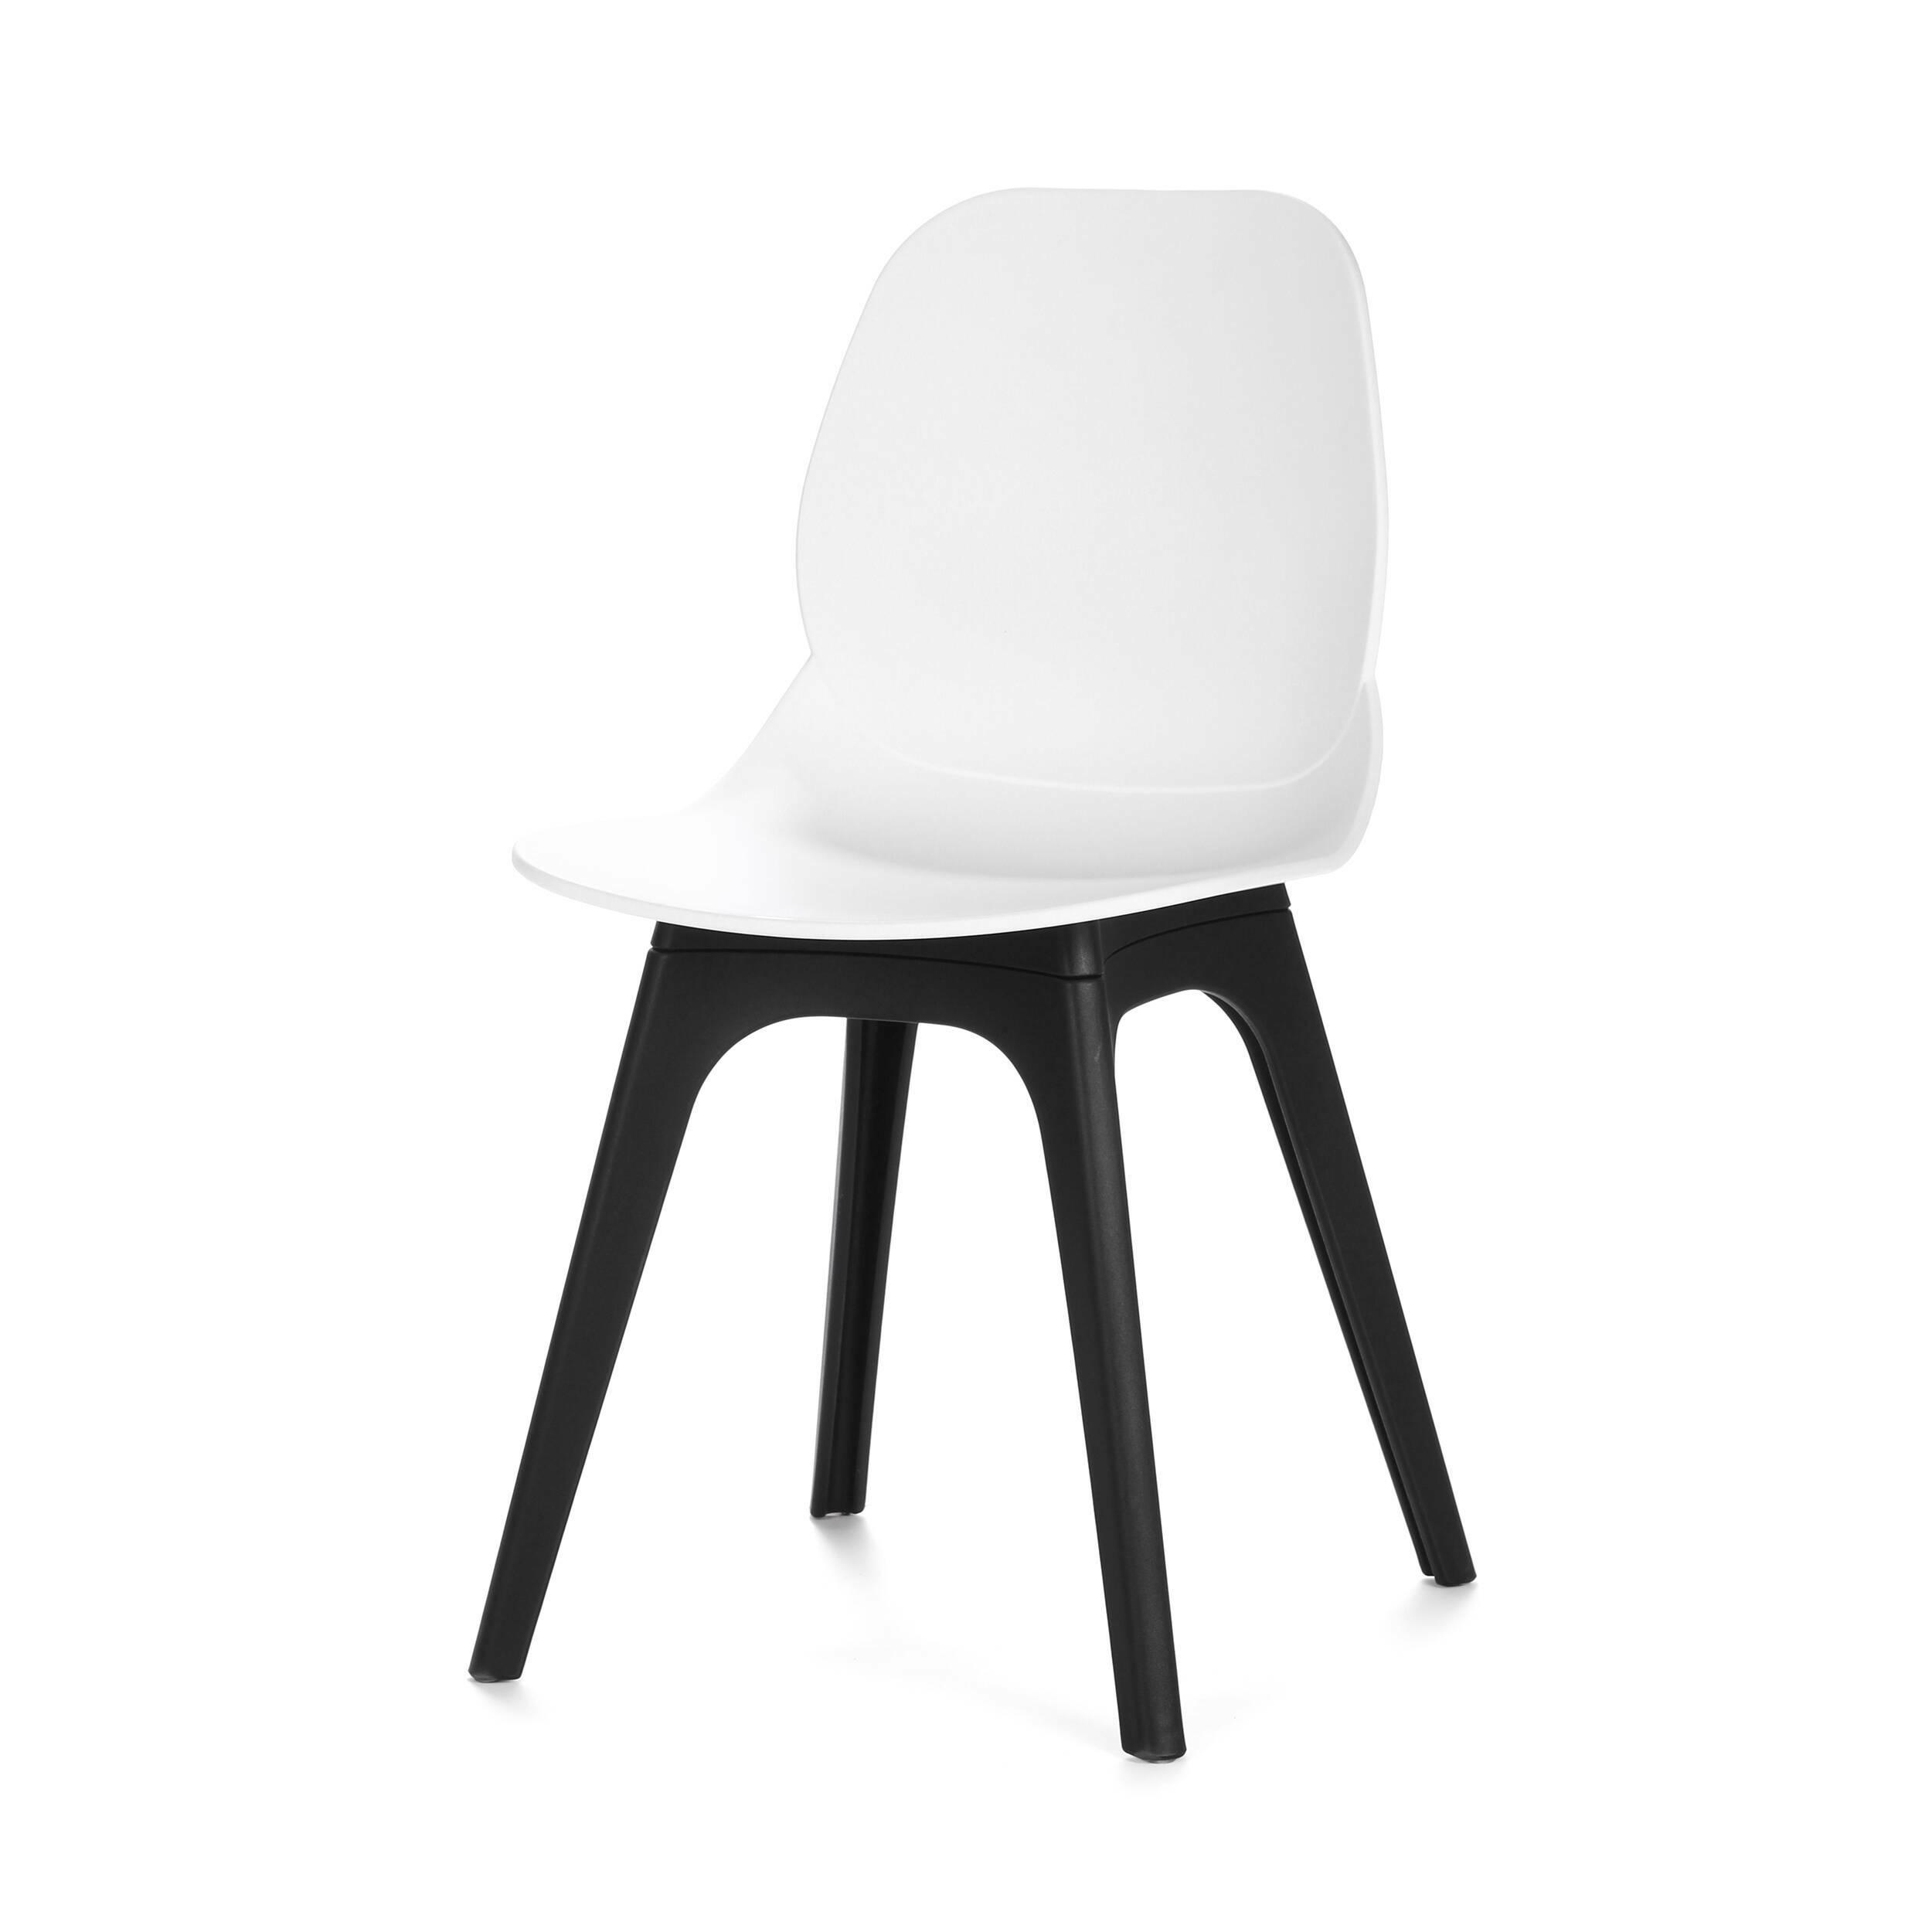 Стул InkingИнтерьерные<br>Дизайнерский черно-белый легкий стул Inking (Инкинг) из пластика без подлокотников на четырех ножках от Cosmo (Космо).<br>Обставляя комнату в современном стиле хай-тек или минимализм, дизайнер делает упор на простоту и лаконичность. В силуэтах предметов мебели и освещения не должно быть ни одной лишней детали — дизайн подчиняется функциональности. Если это стул, то исключительно для сидения, если обеденный стол, то только для трапез. <br> <br> Оригинальный стул Inking выполнен в соответствии с осно...<br><br>stock: 15<br>Высота: 83<br>Высота спинки: 45<br>Ширина: 45<br>Глубина: 49<br>Цвет ножек: Черный<br>Цвет сидения: Белый<br>Тип материала сидения: Полипропилен